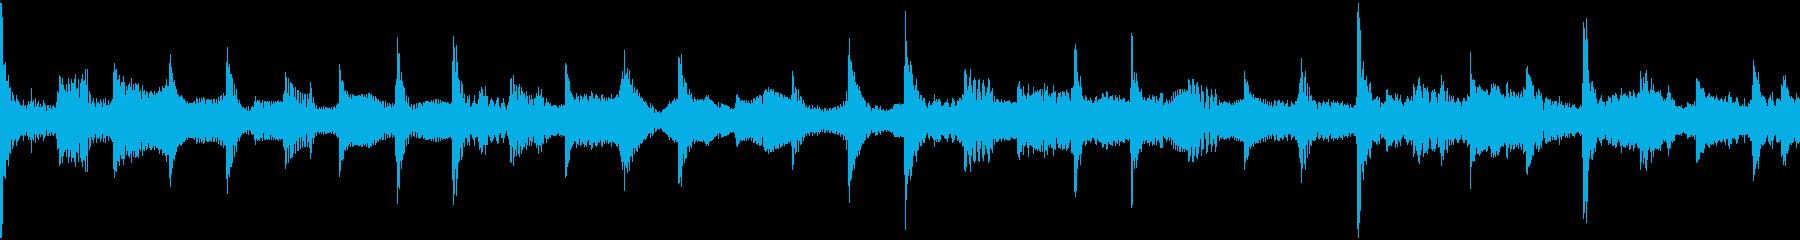 A contemporary sm...'s reproduced waveform